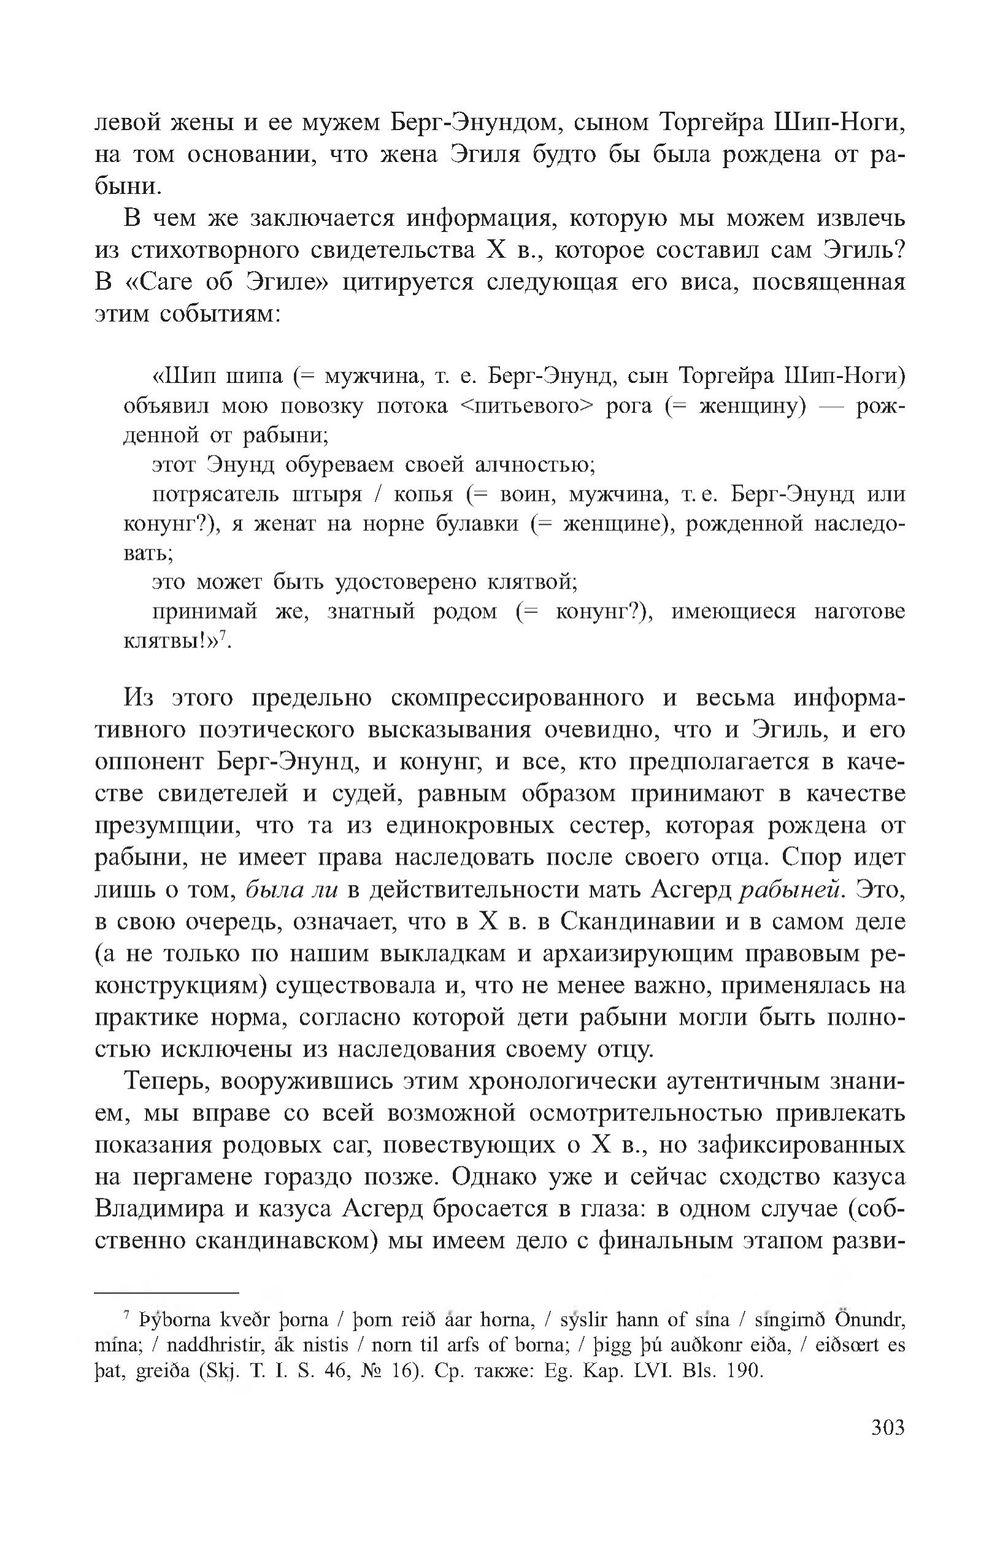 http://i2.imageban.ru/out/2017/01/25/eb673364acd8a2974f276fd61057755b.jpg